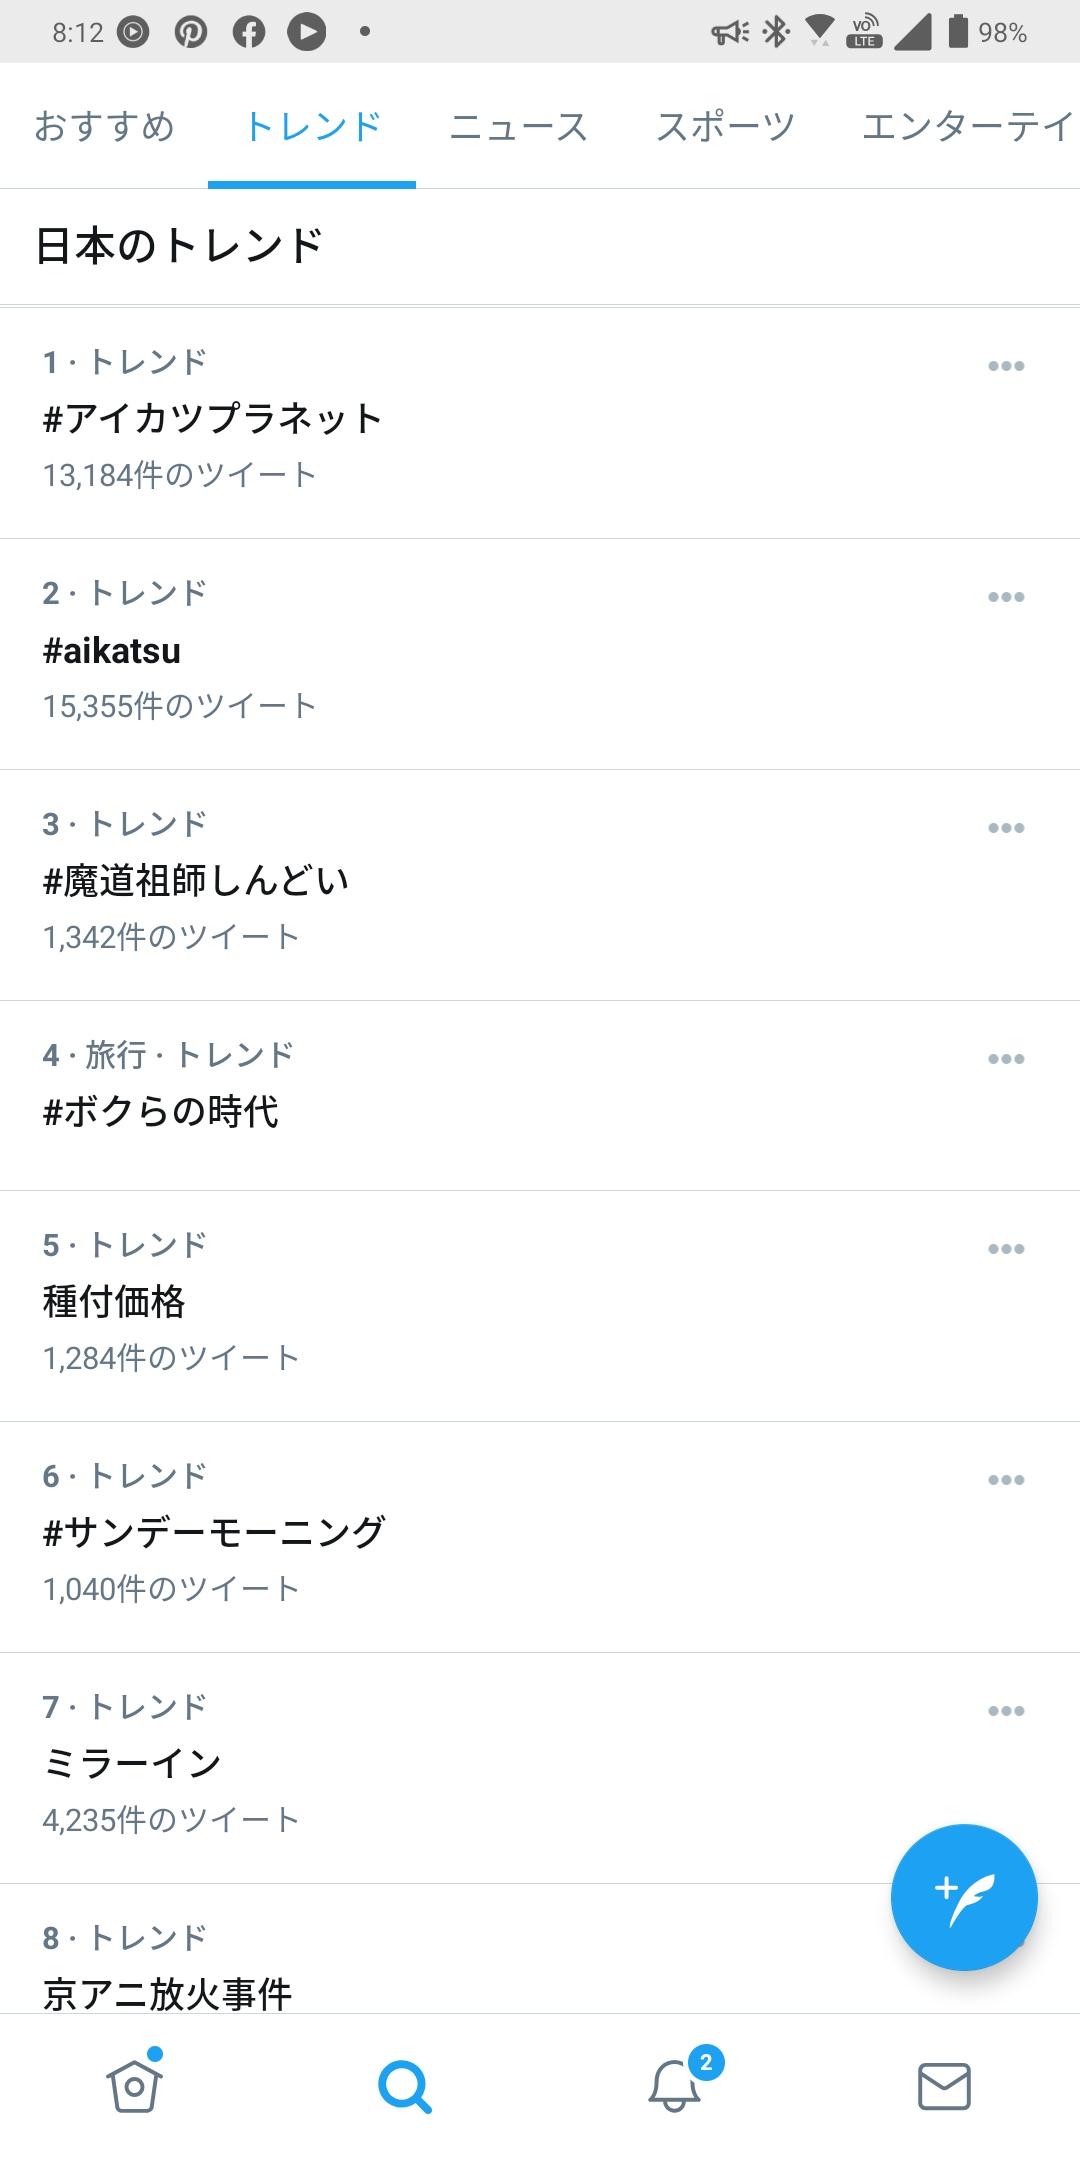 2021/01/10Twitterトレンド